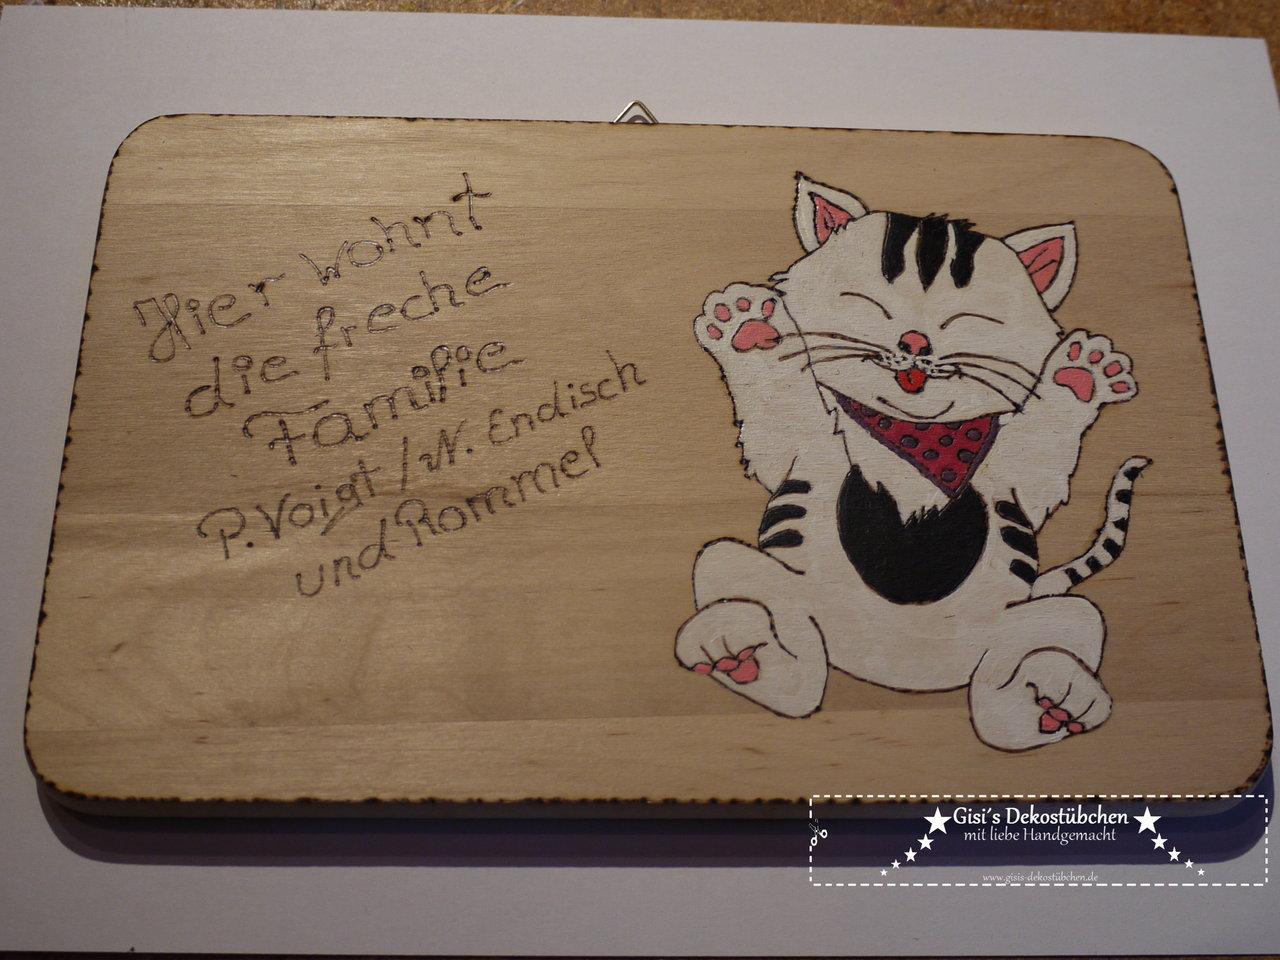 Turschild. Trschild. Engraved Oval Bark Board Wooden Board Tree Disc